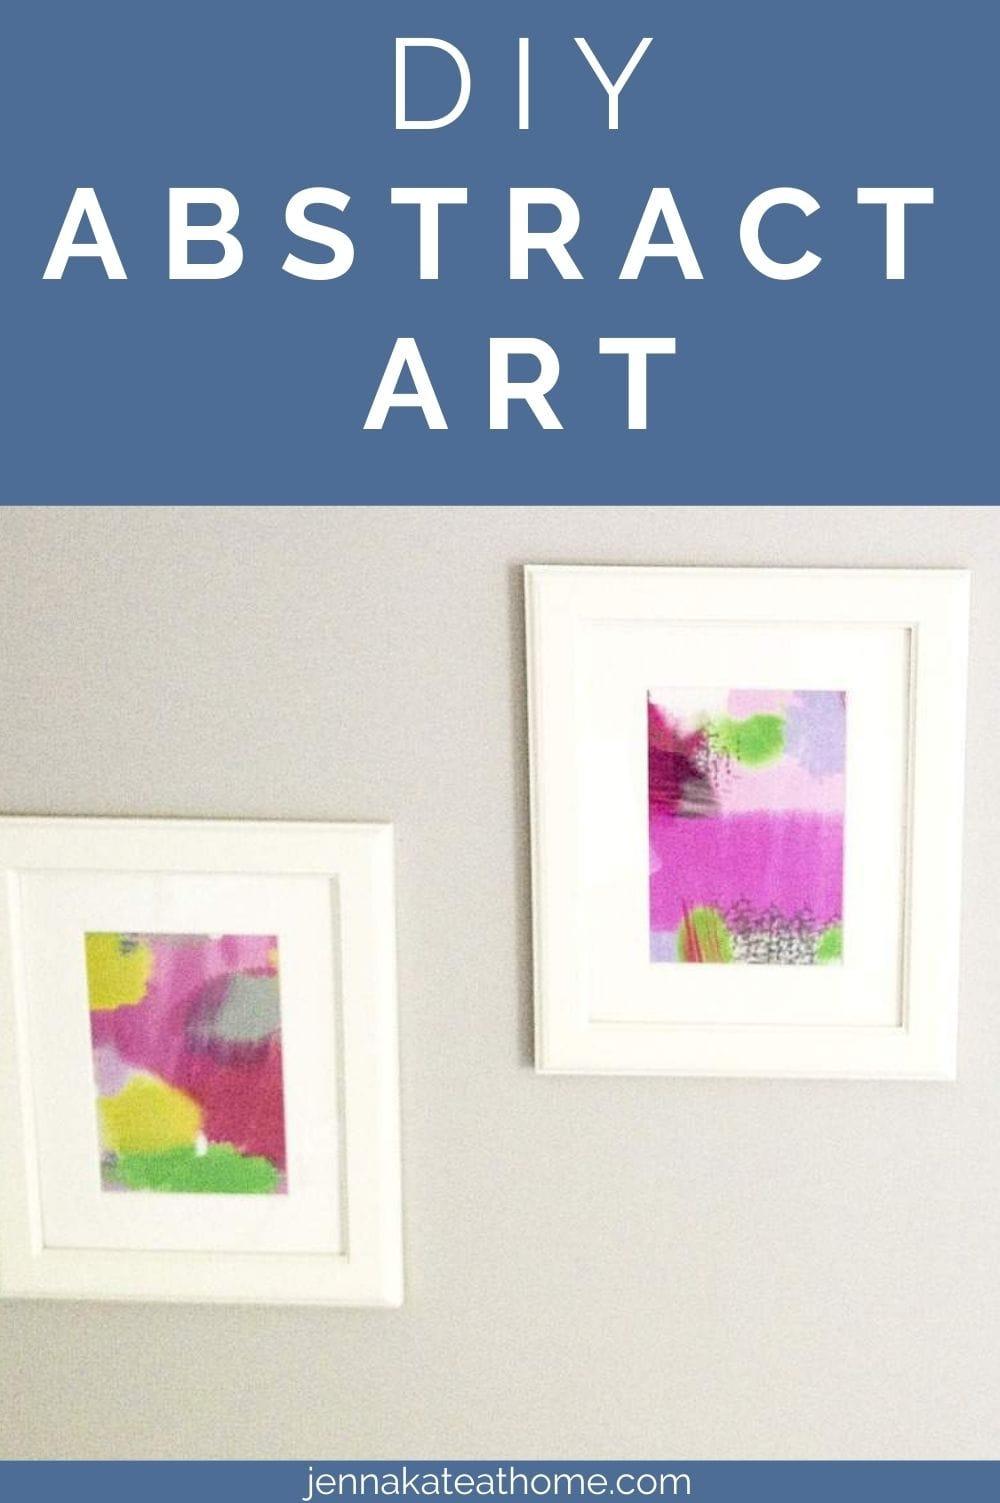 DIY abstract art pin